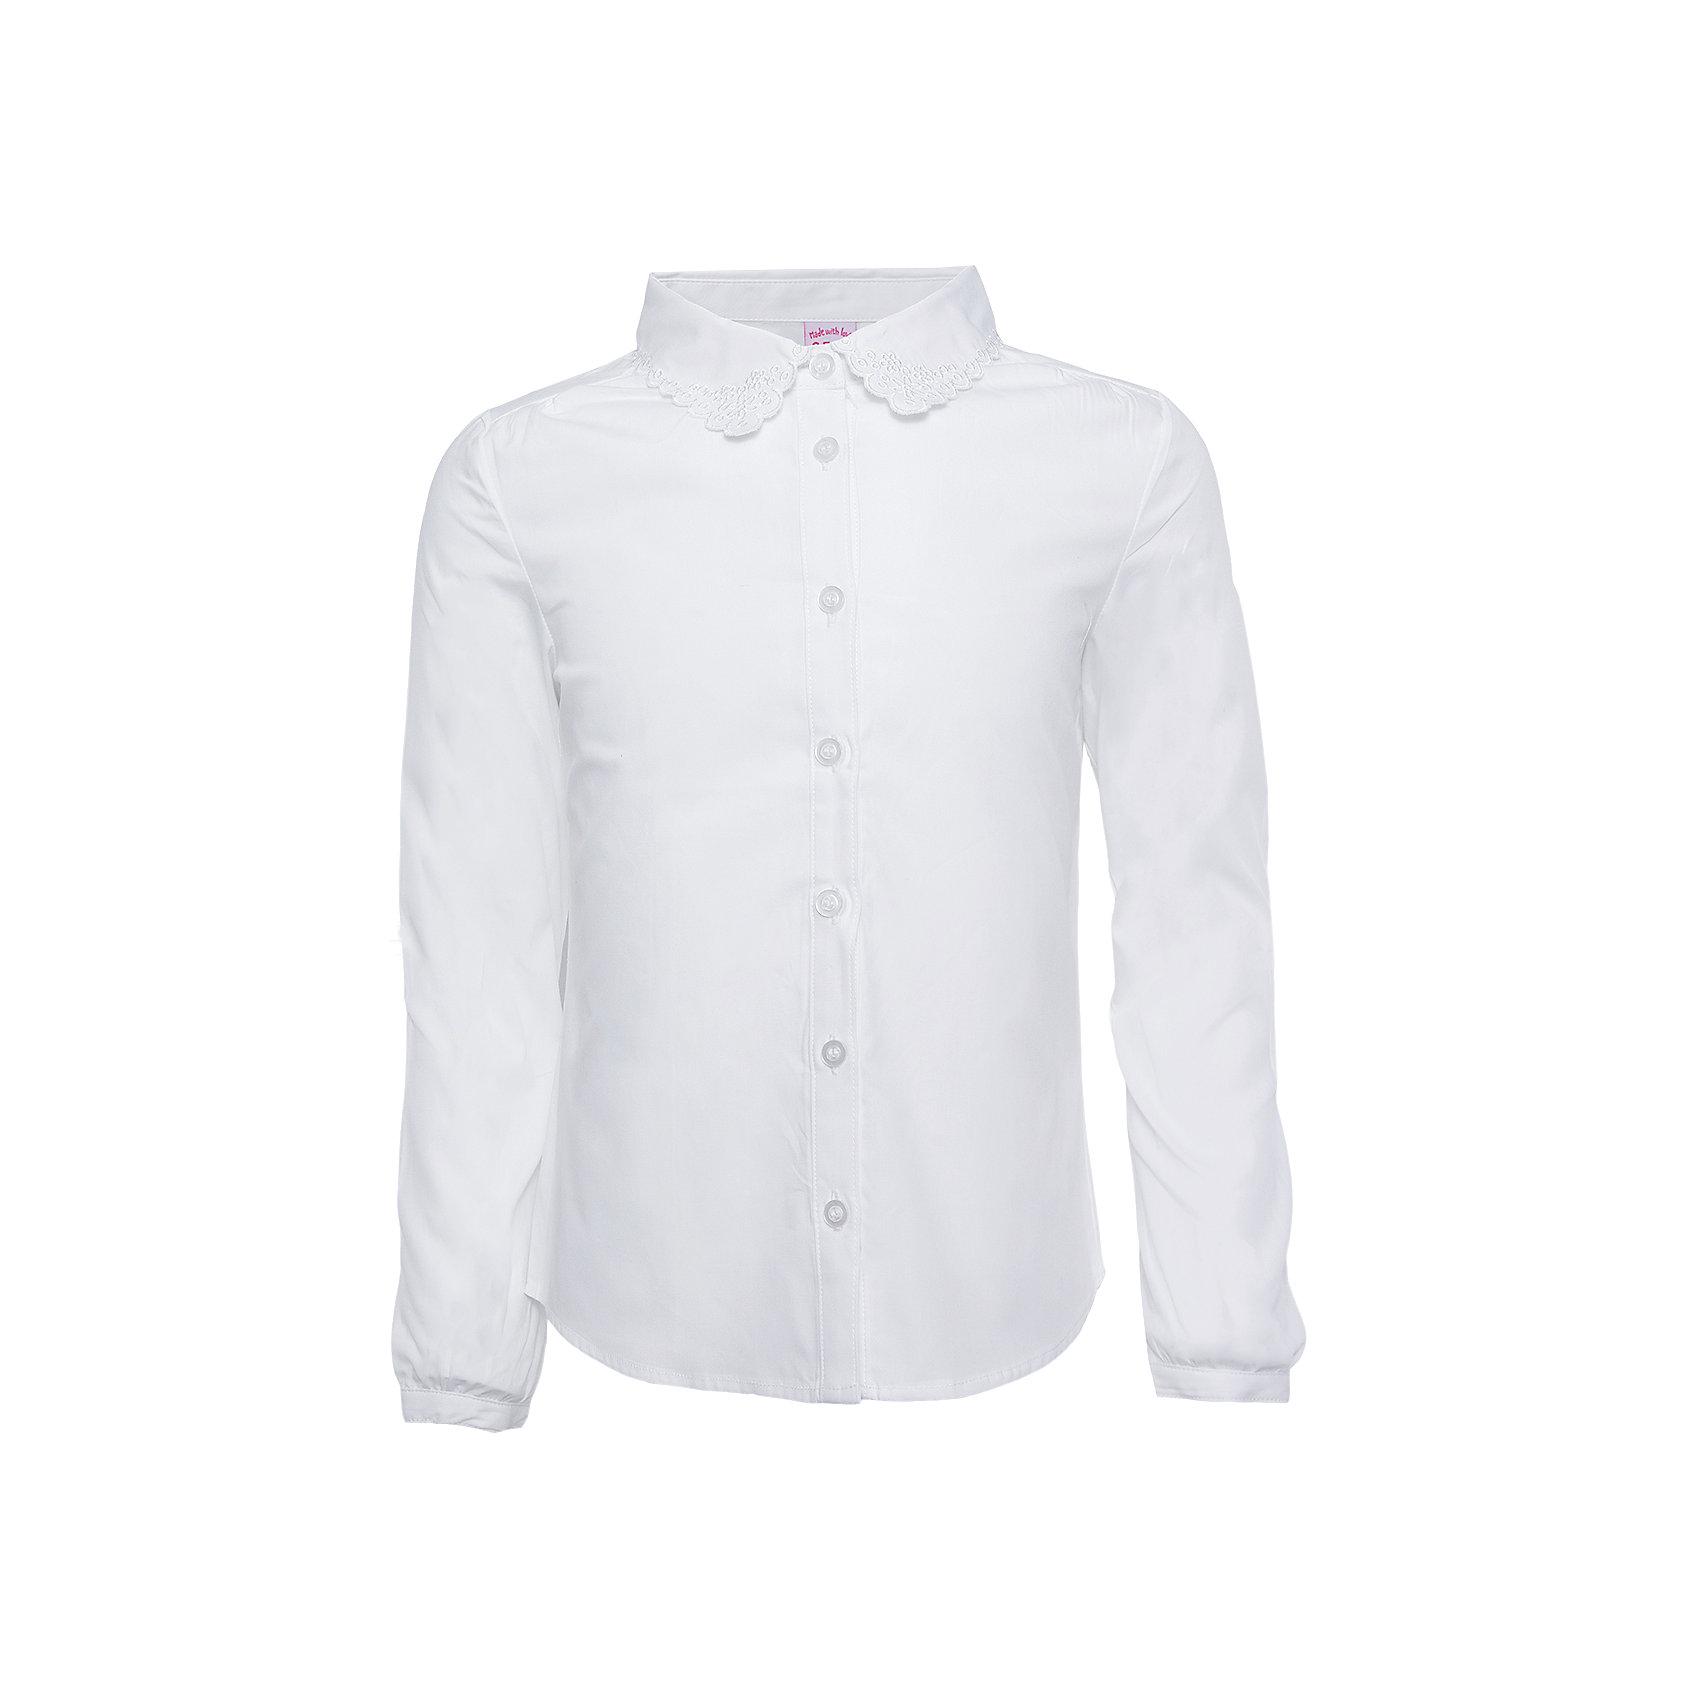 Блузка для девочки SELAБлузки и рубашки<br>Нежная белая блузка для девочки необходимый атрибут в гардеробе юной леди.<br><br>У блузки приталенный крой, поэтому она хорошо будет смотреться с юбками и брюками, так же ее можно одеть под аккуратный школьный сарафан.<br><br>Дополнительная информация:<br><br>- Приталенный крой.<br>- Длинный рукав, с манжетой.<br>- Цвет: белый.<br>- Состав: хлопок - 100%<br>- Бренд: SELA<br>- Коллекция: осень-зима 2016-2017<br><br>Купить блузку для девочки от SELA можно в нашем магазине.<br><br>Ширина мм: 186<br>Глубина мм: 87<br>Высота мм: 198<br>Вес г: 197<br>Цвет: белый<br>Возраст от месяцев: 132<br>Возраст до месяцев: 144<br>Пол: Женский<br>Возраст: Детский<br>Размер: 152,116,122,128,134,140,146<br>SKU: 4883420